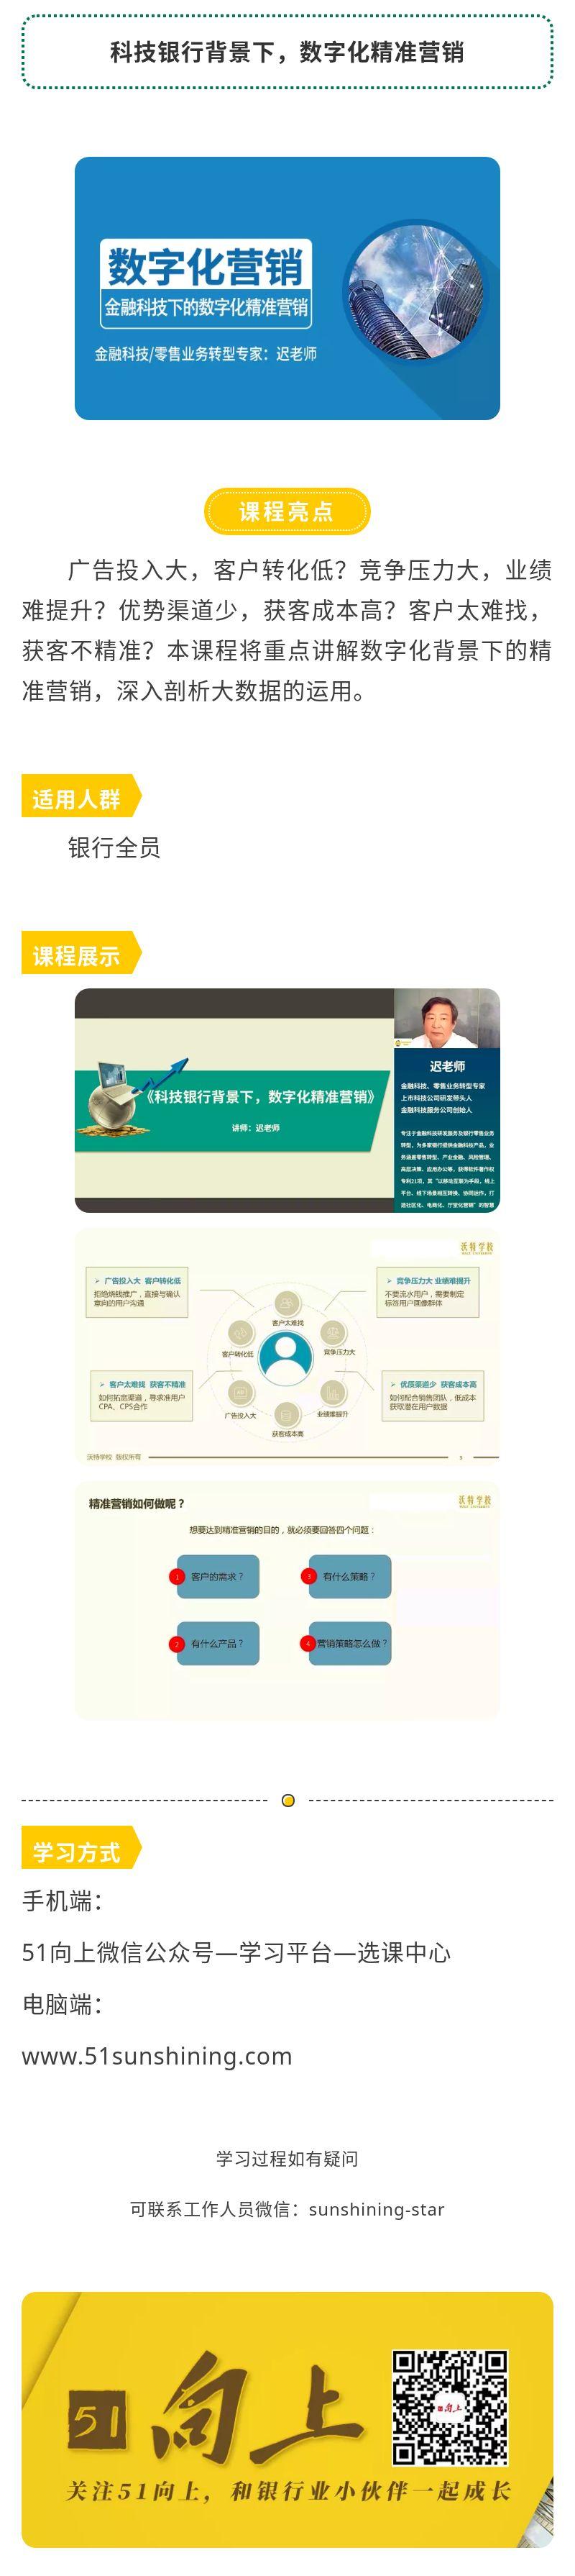 课程简介-科技银行背景下,数字化精准营销